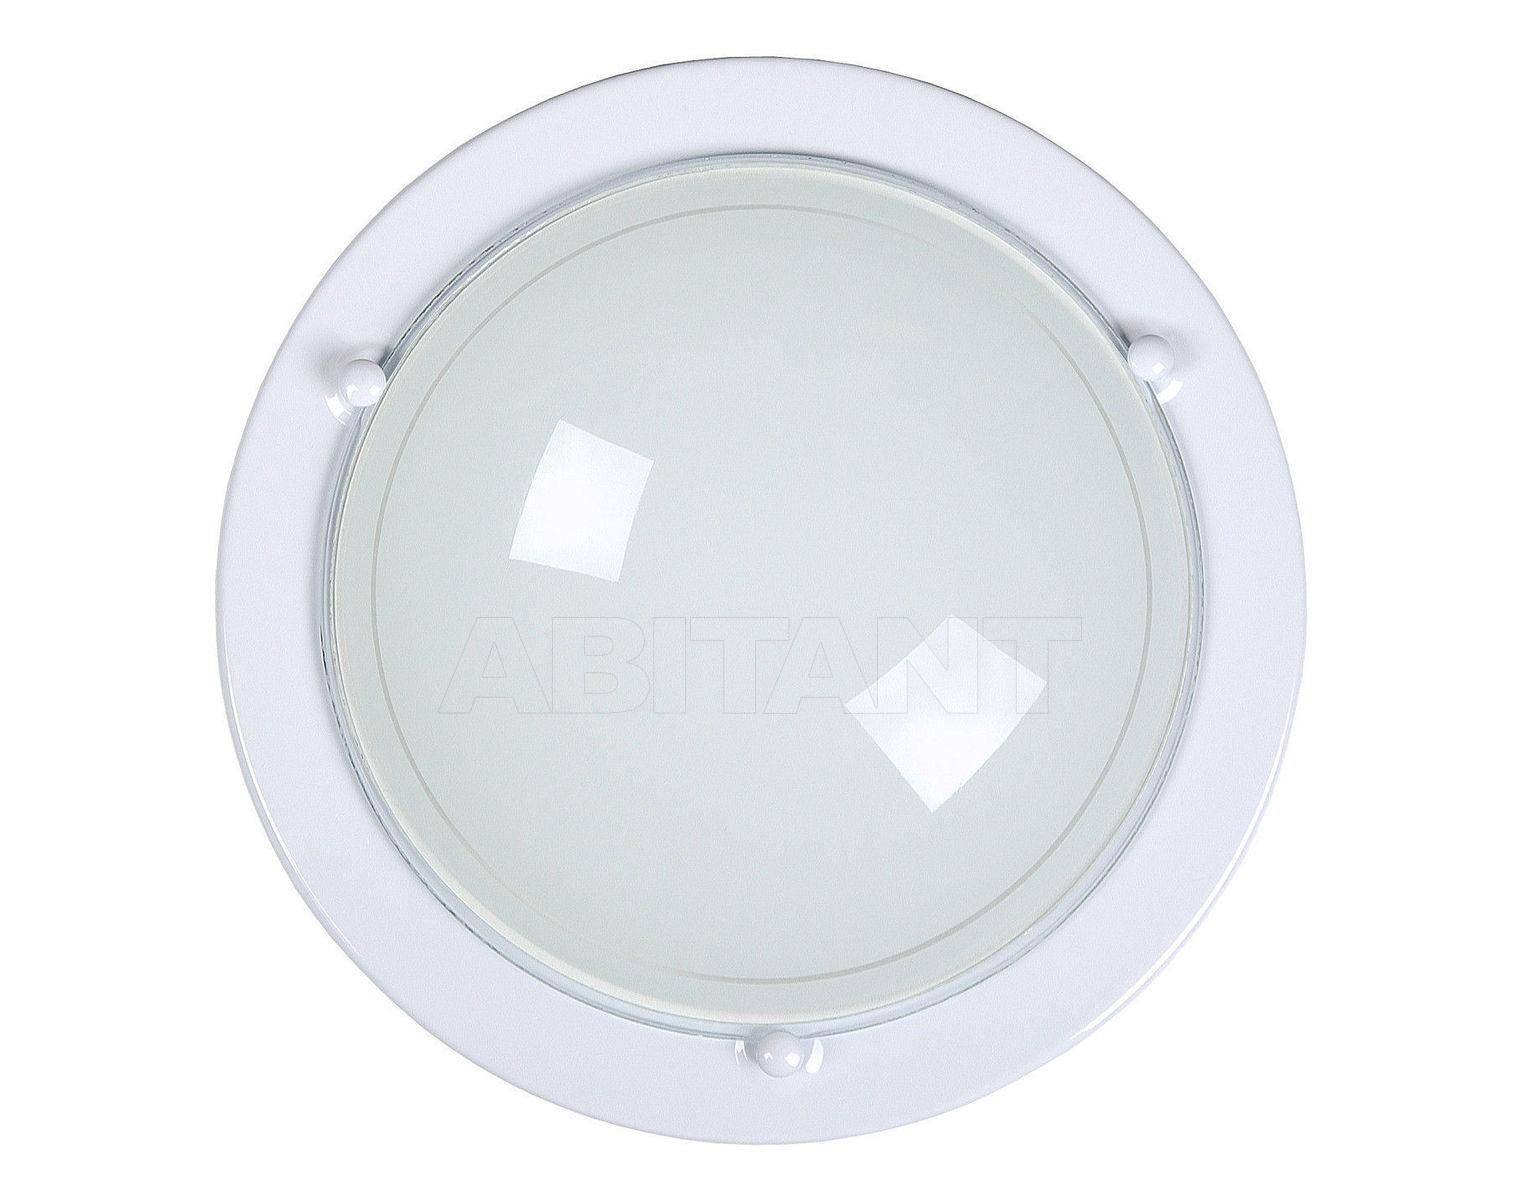 Купить Светильник BASIC Lucide  Ceiling & Wall Lights 07104/30/31